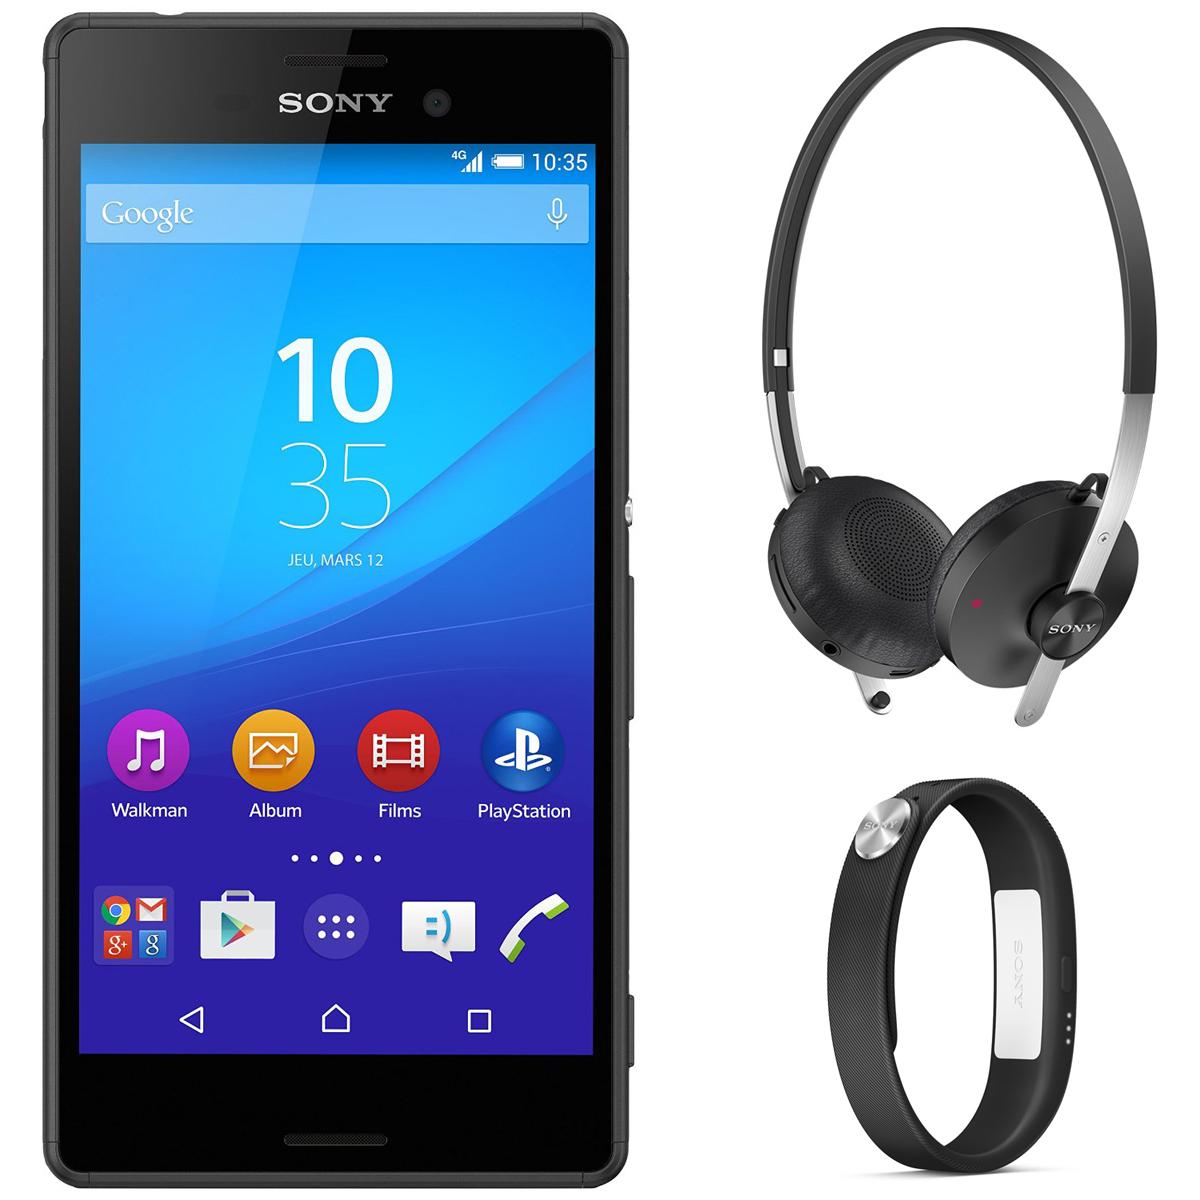 """Smartphone 5"""" Sony Xperia M4 Aqua Dual 16 Go 4G + Bracelet Connecté Sony SmartBand SWR10 + Casque Bluetooth Sony SBH60"""